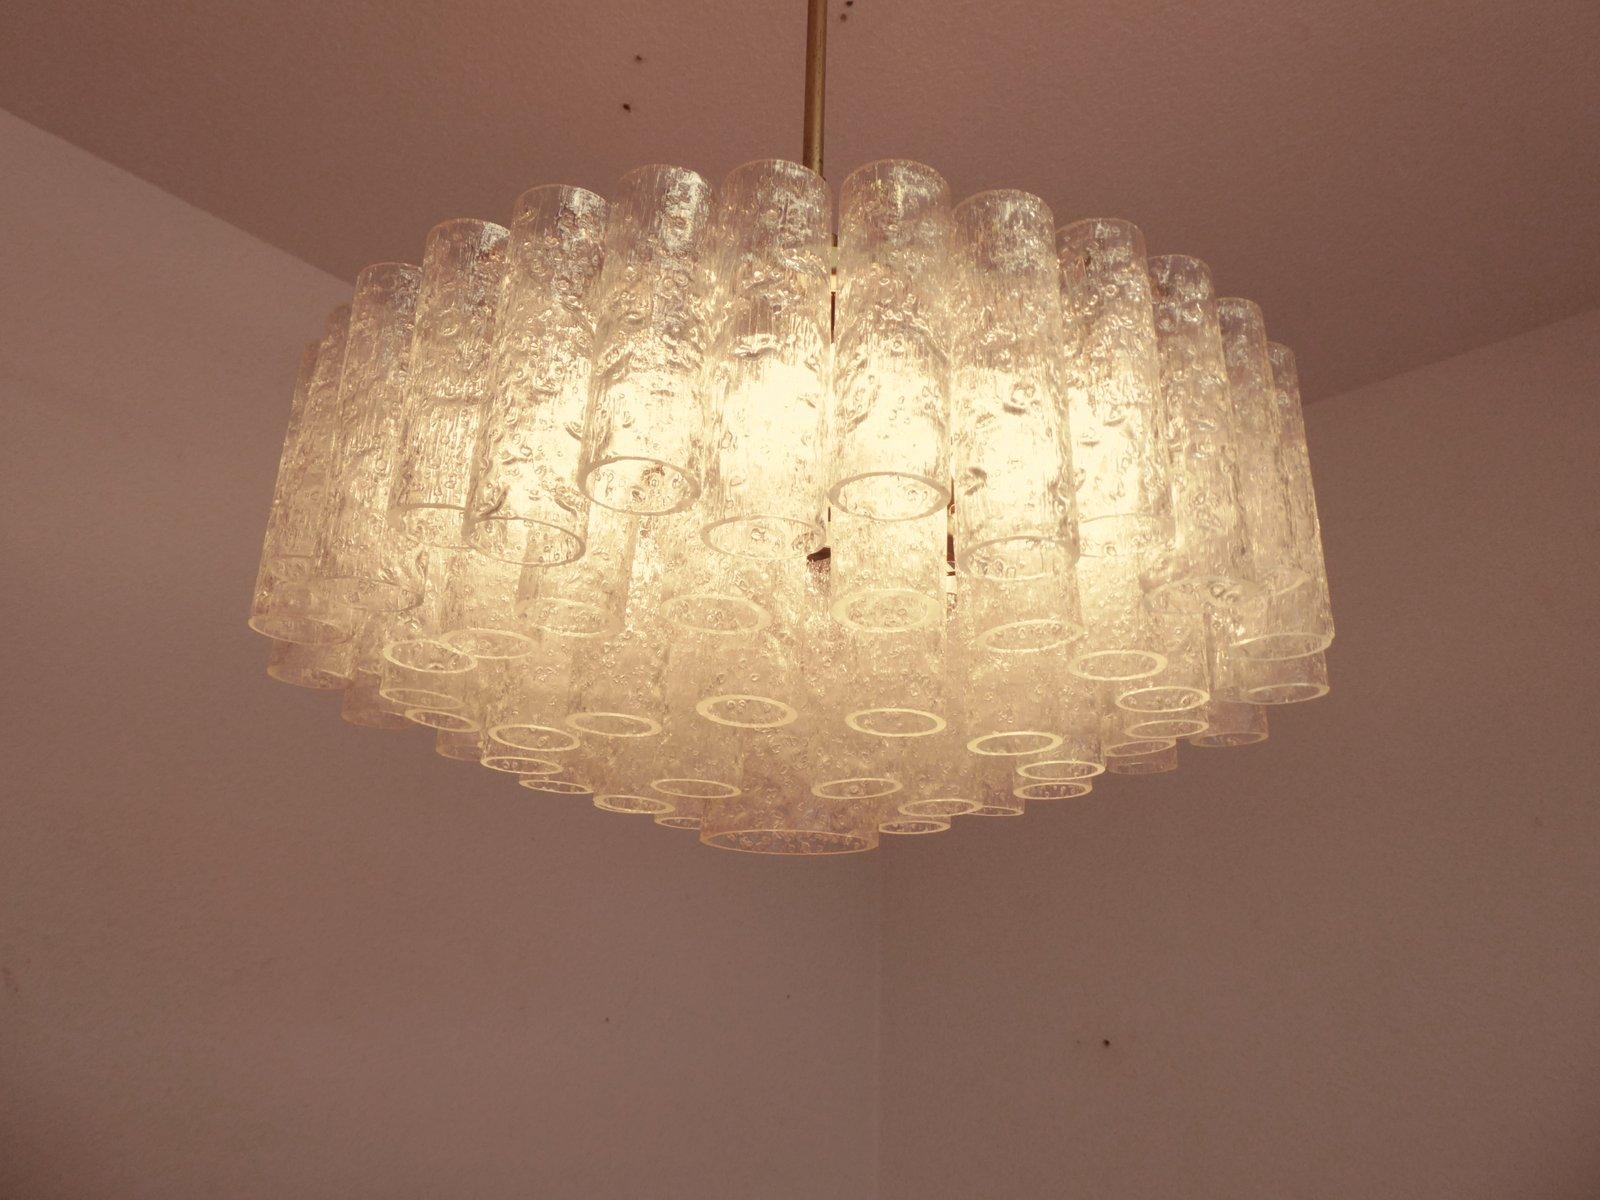 deutscher vintage kronleuchter von doria leuchten 1970er bei pamono kaufen. Black Bedroom Furniture Sets. Home Design Ideas